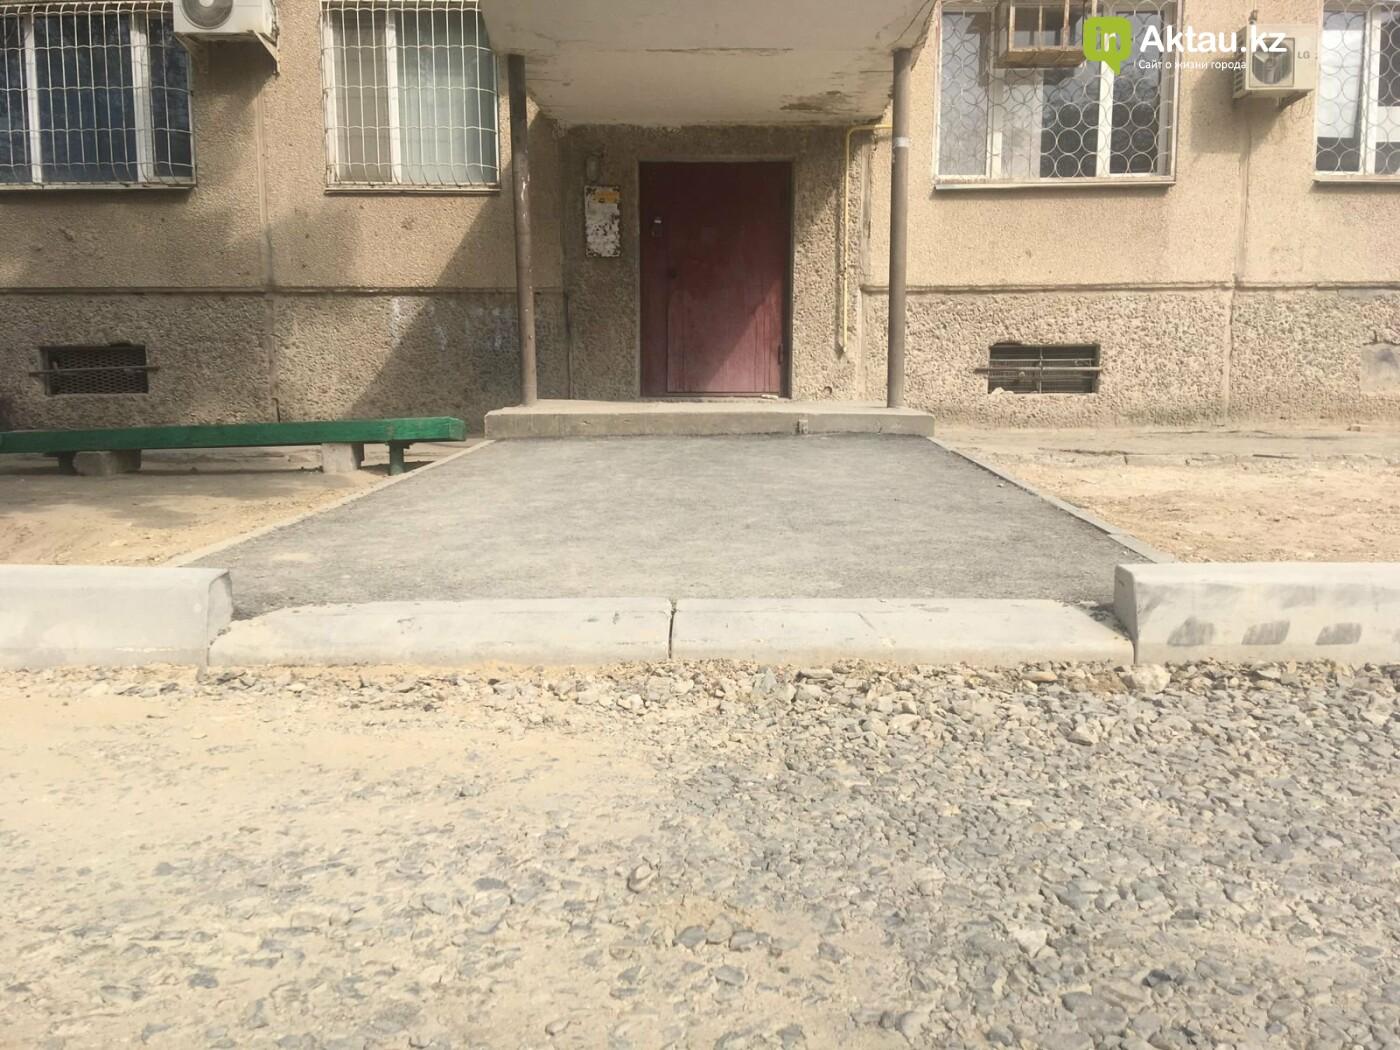 Благоустройство микрорайонов в Актау планируют завершить до ноября, фото-4